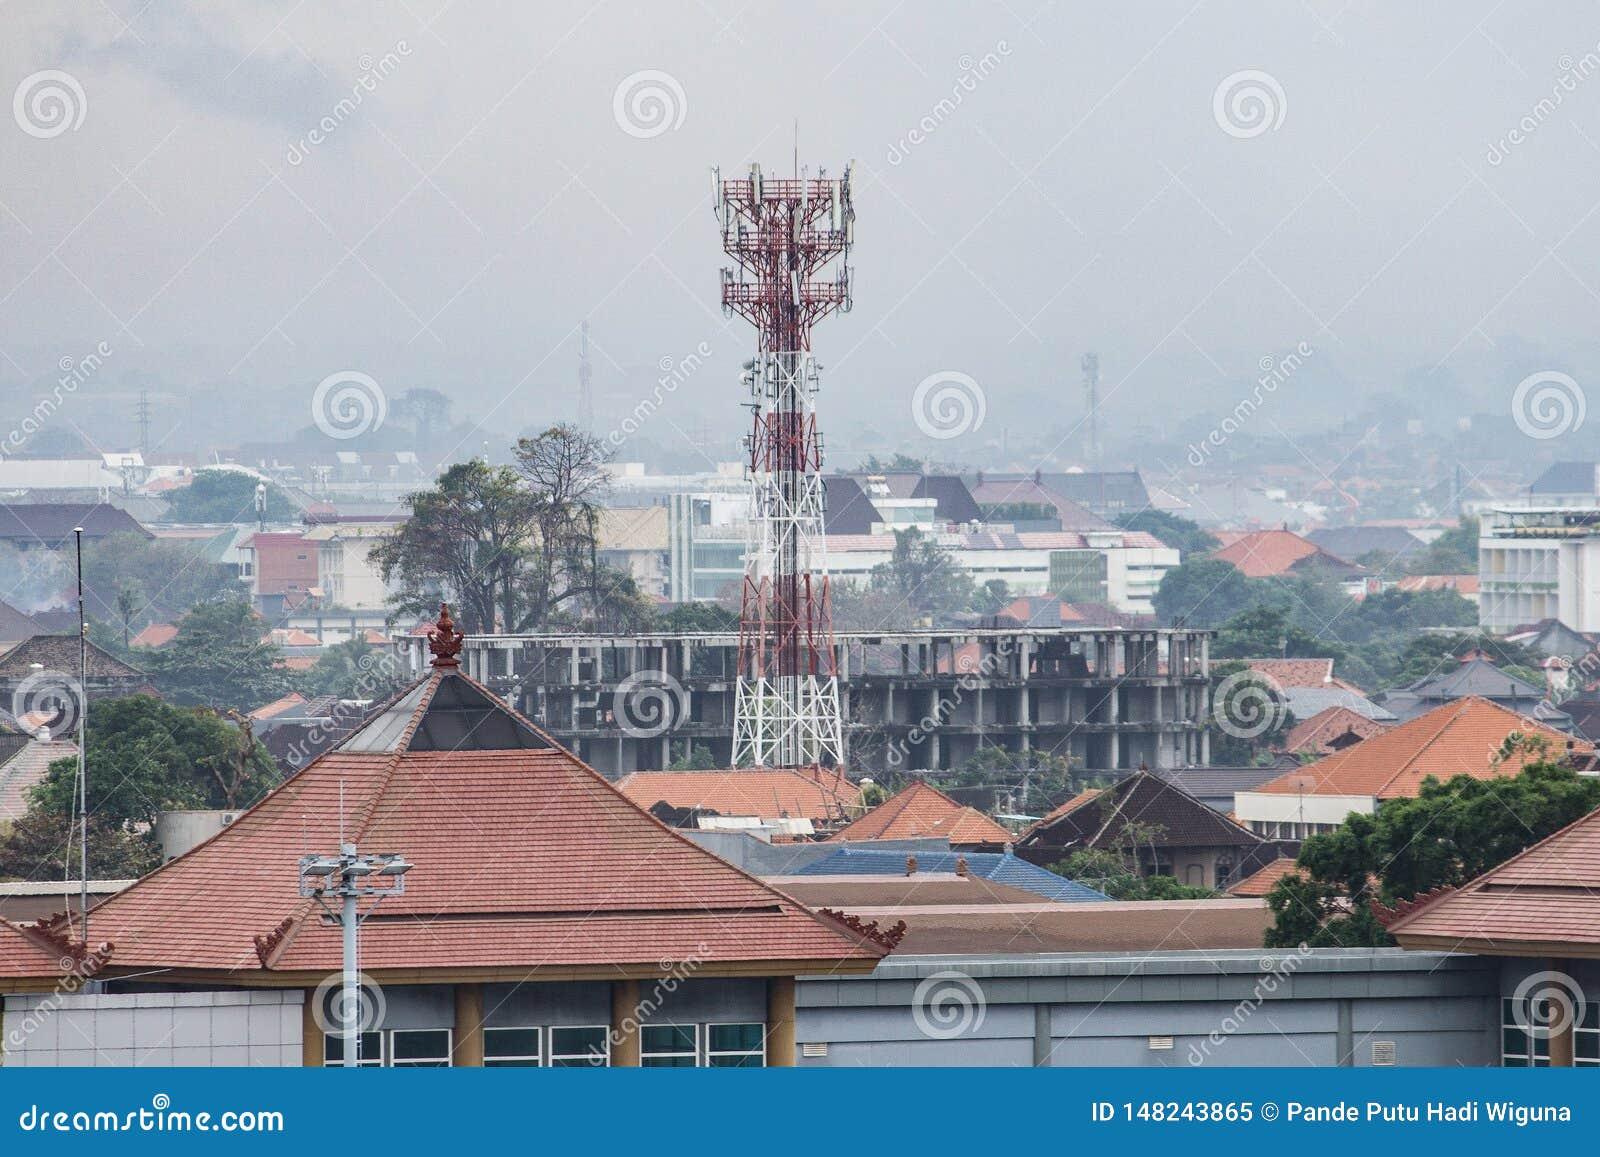 BADUNG, BALI/INDONESIA: Una torre de las telecomunicaciones situada en Bali, mira más arriba que los edificios circundantes